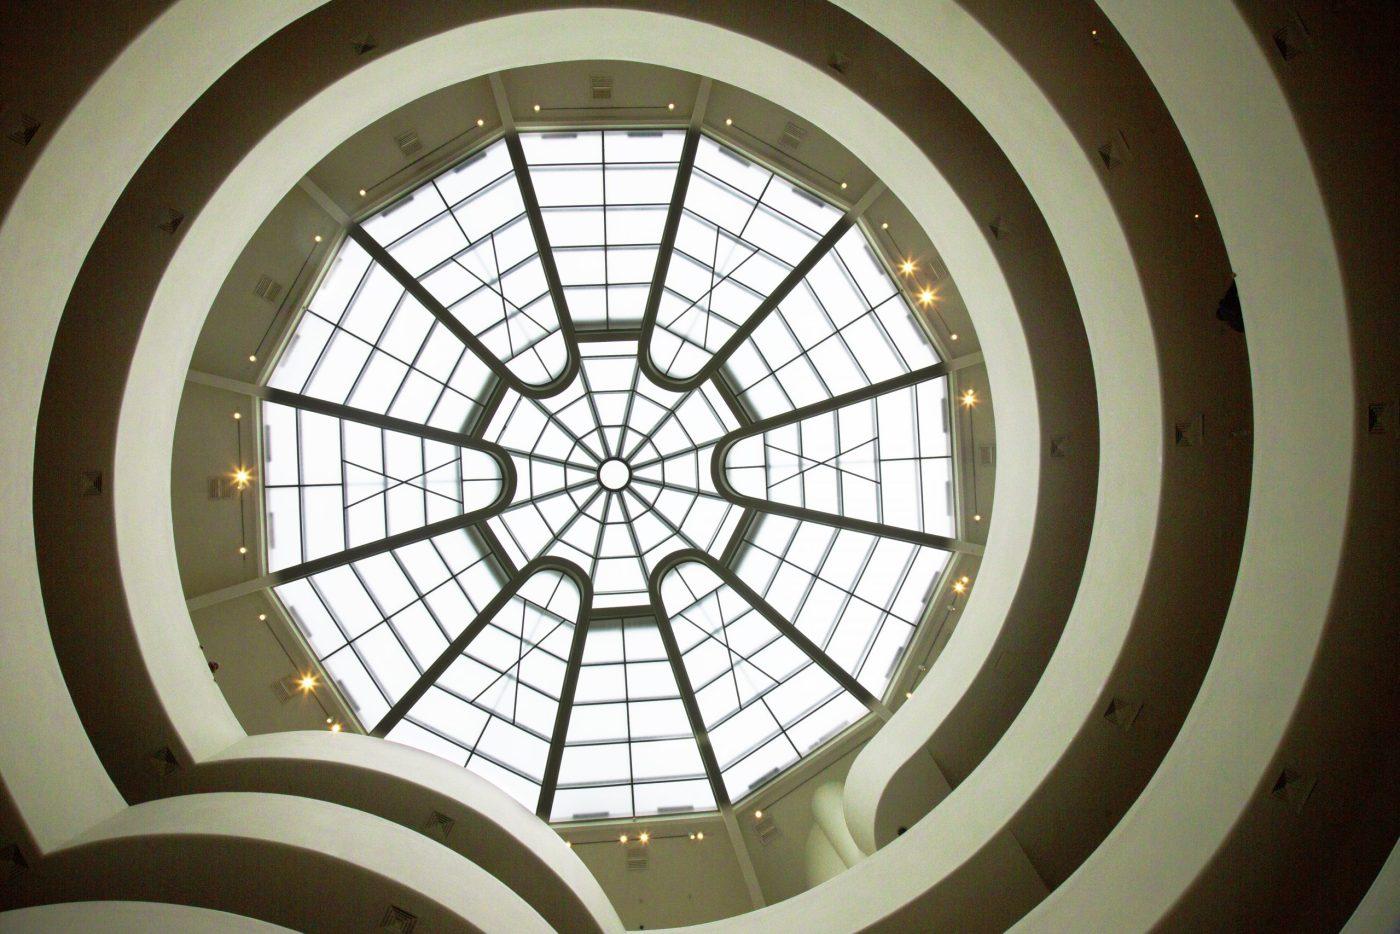 El famoso tragaluz del Museo Guggenheim de Nueva York